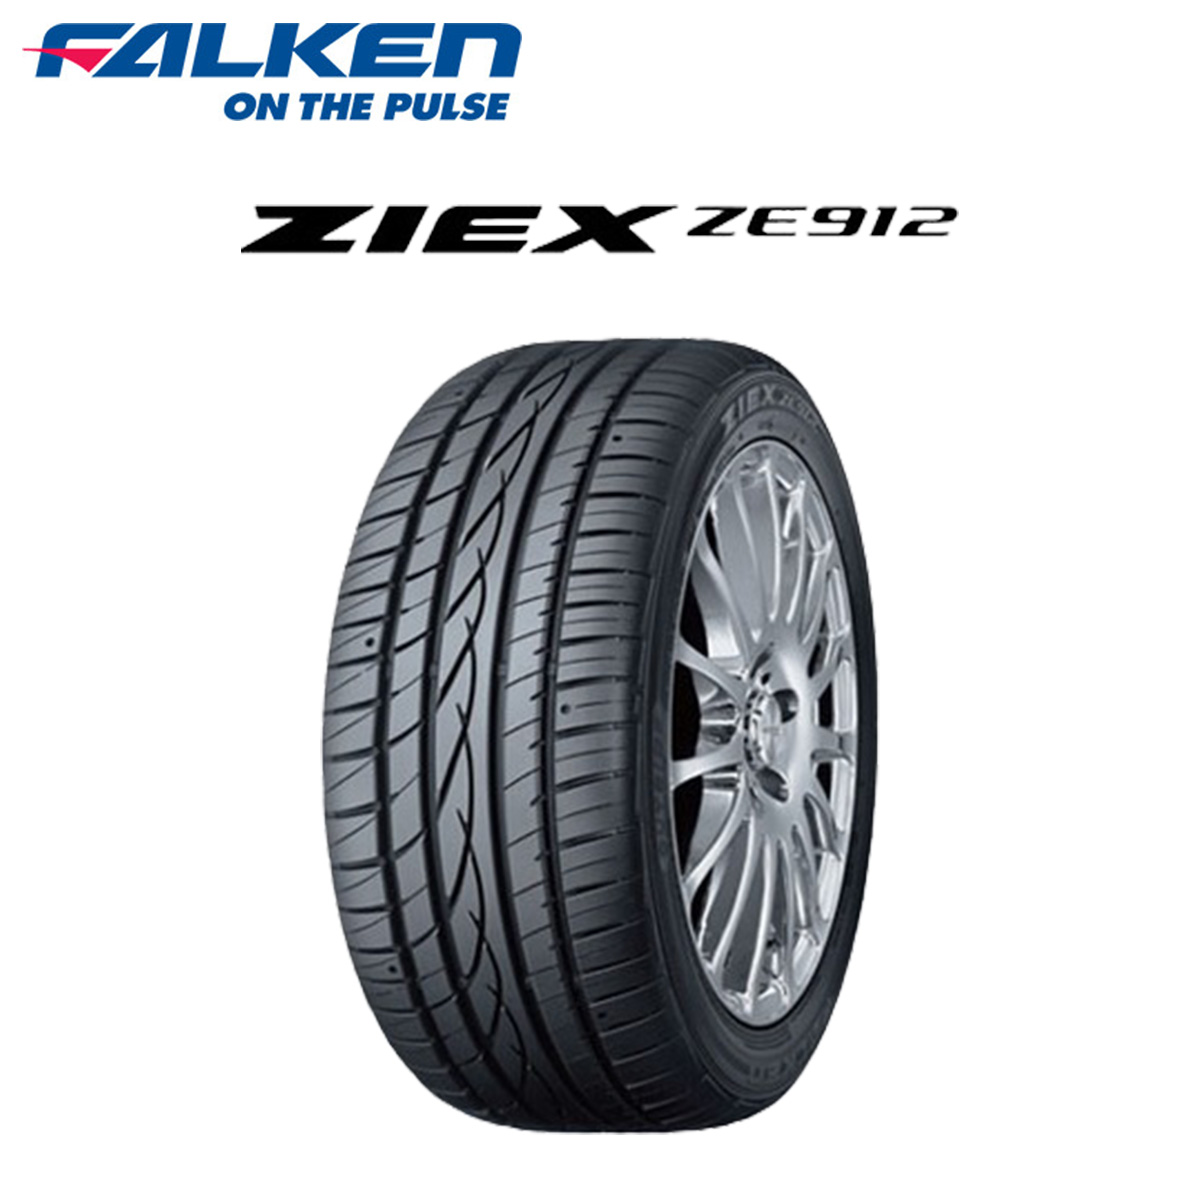 FALKENファンケル低燃費サマータイヤ4本セット14インチ195/60R14ZIEXZE912ジークス